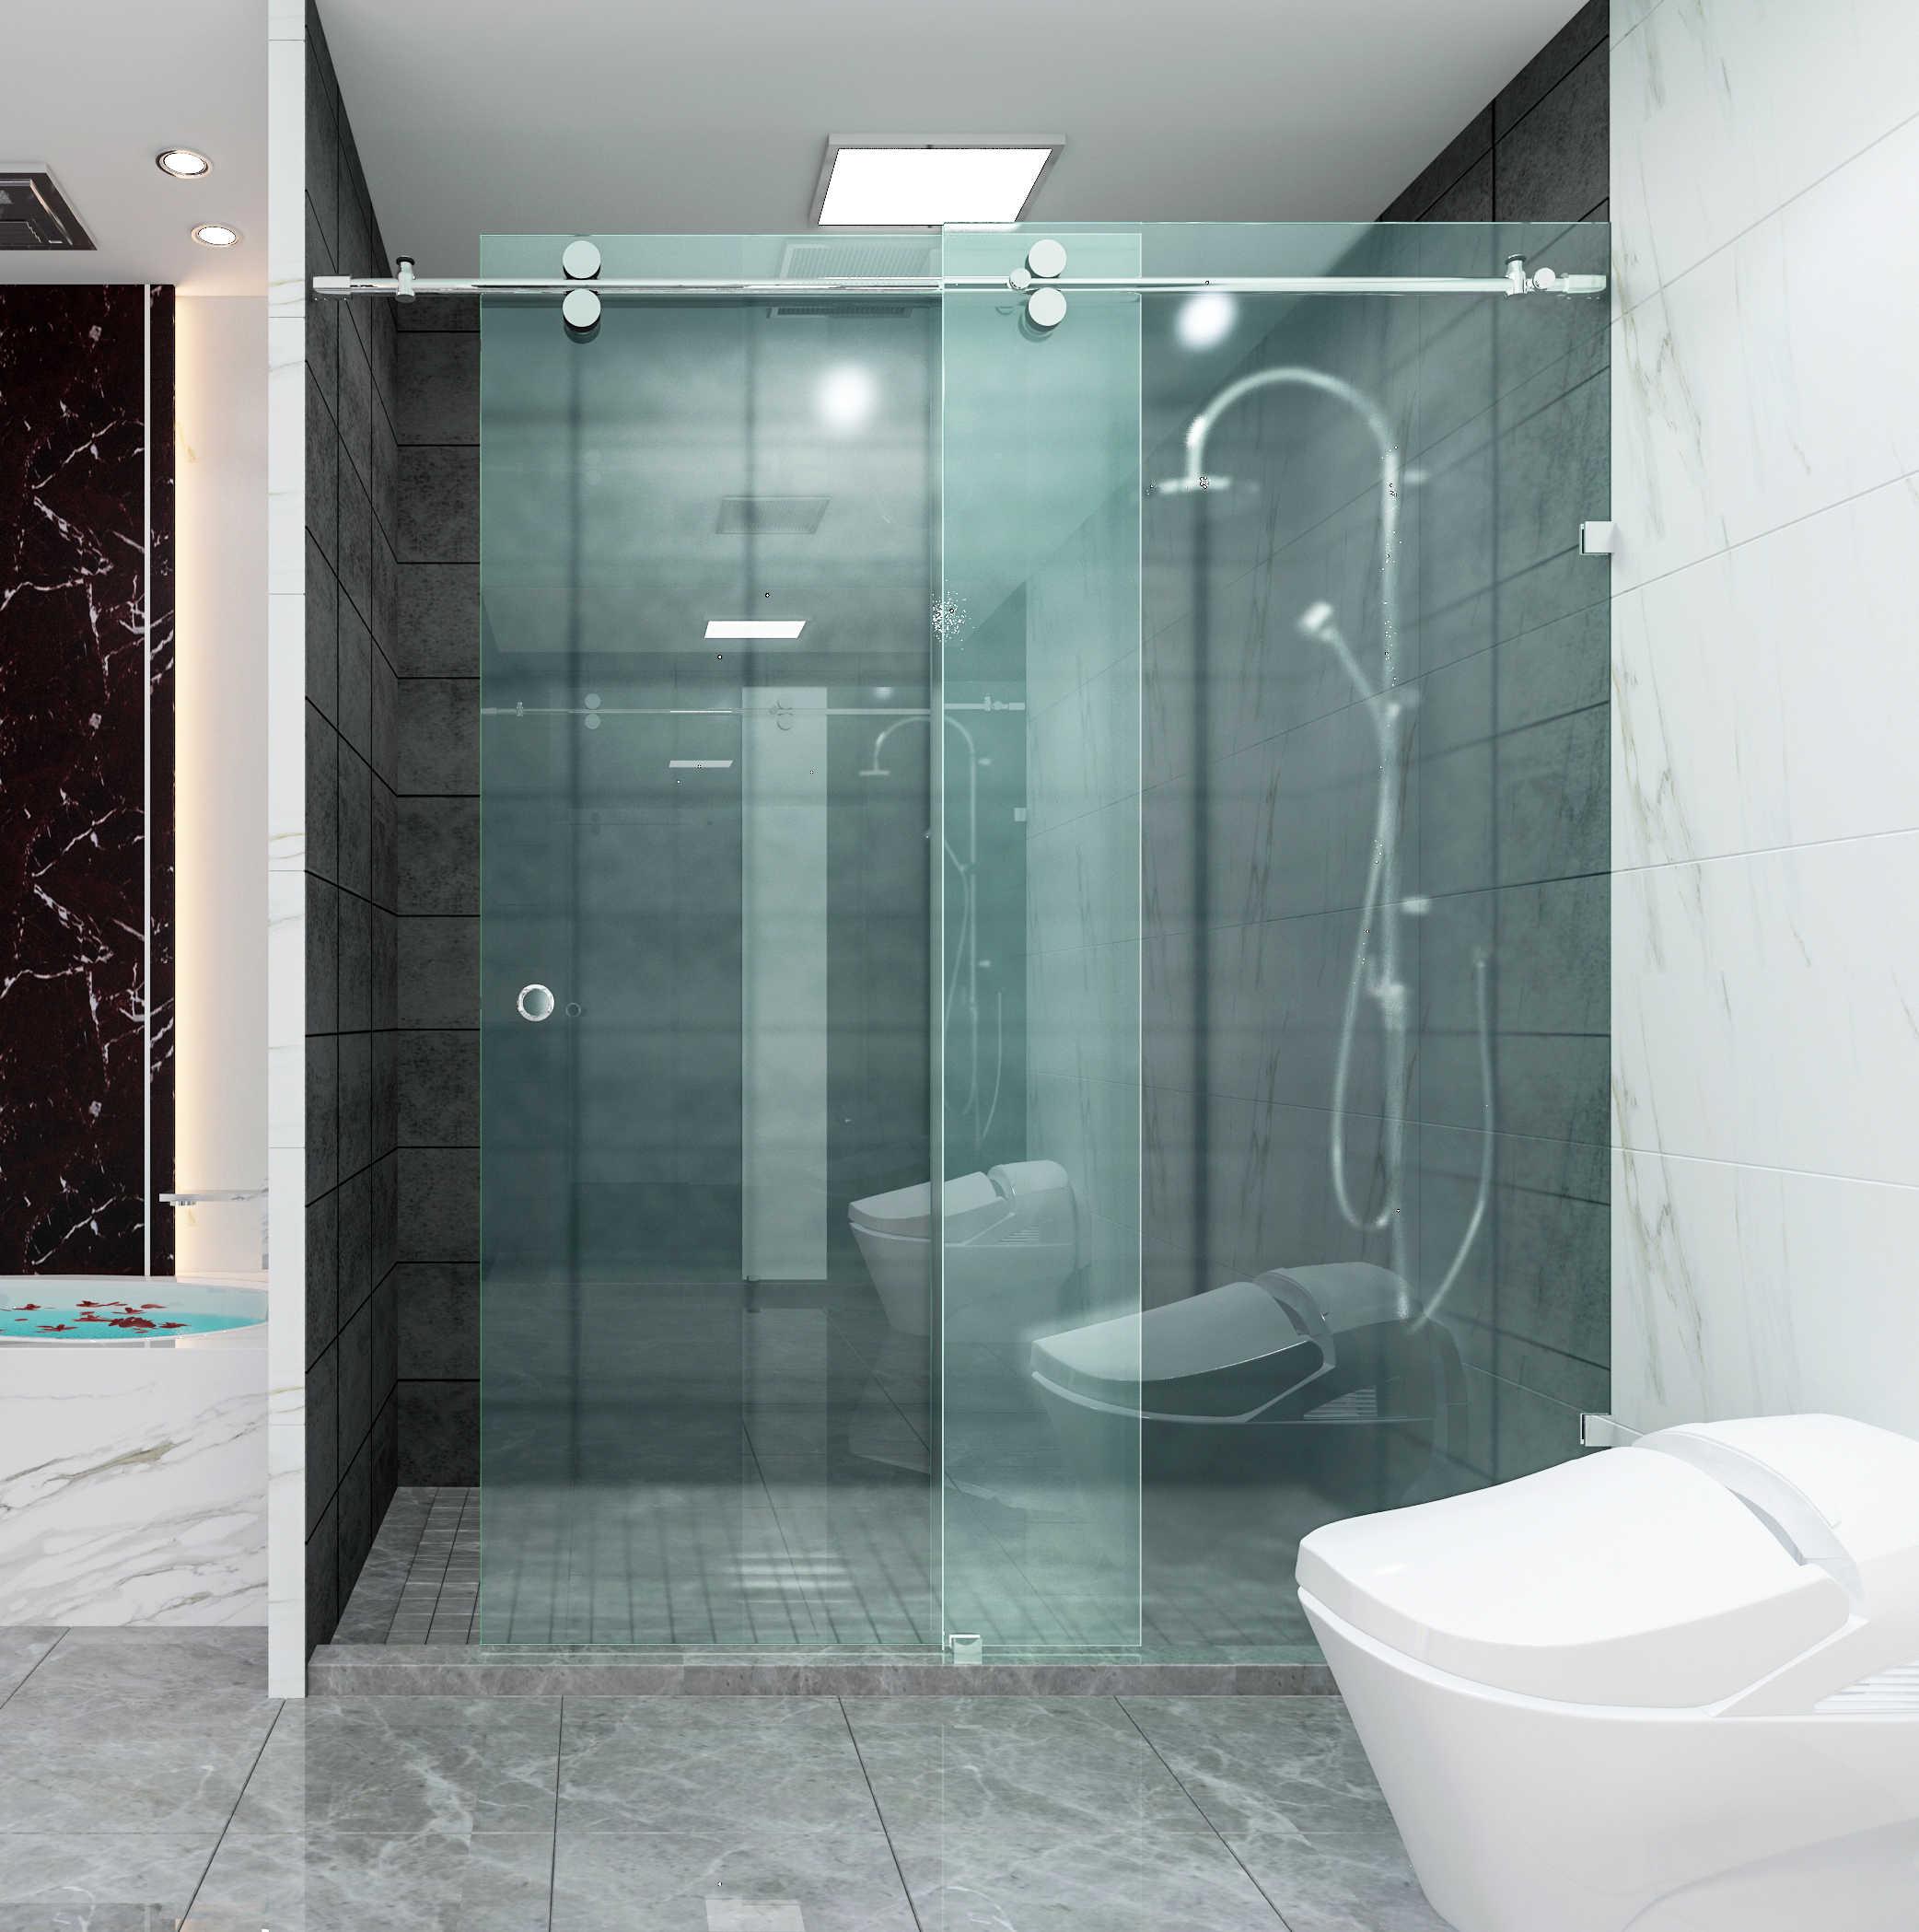 Diyhd 152cm 200cm Stainless Steel Shower Door Sliding Rail Hardware Frameless Sliding Shower Door Glass Door Hardware